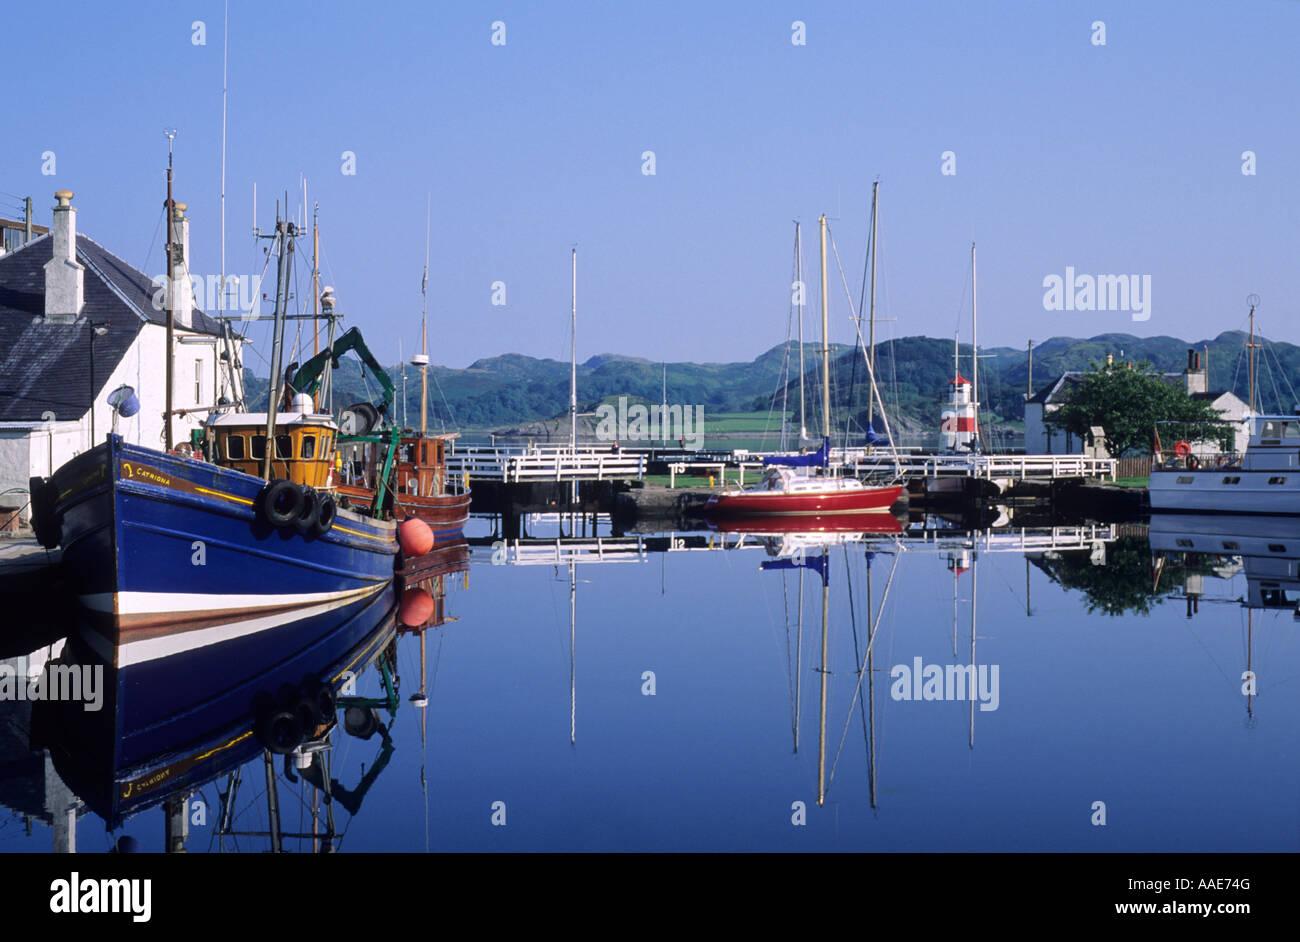 Crinan, first lock on Canal, Marina, boats, Argyllshire, west, western Scotland, UK, travel tourism, transport, Stock Photo